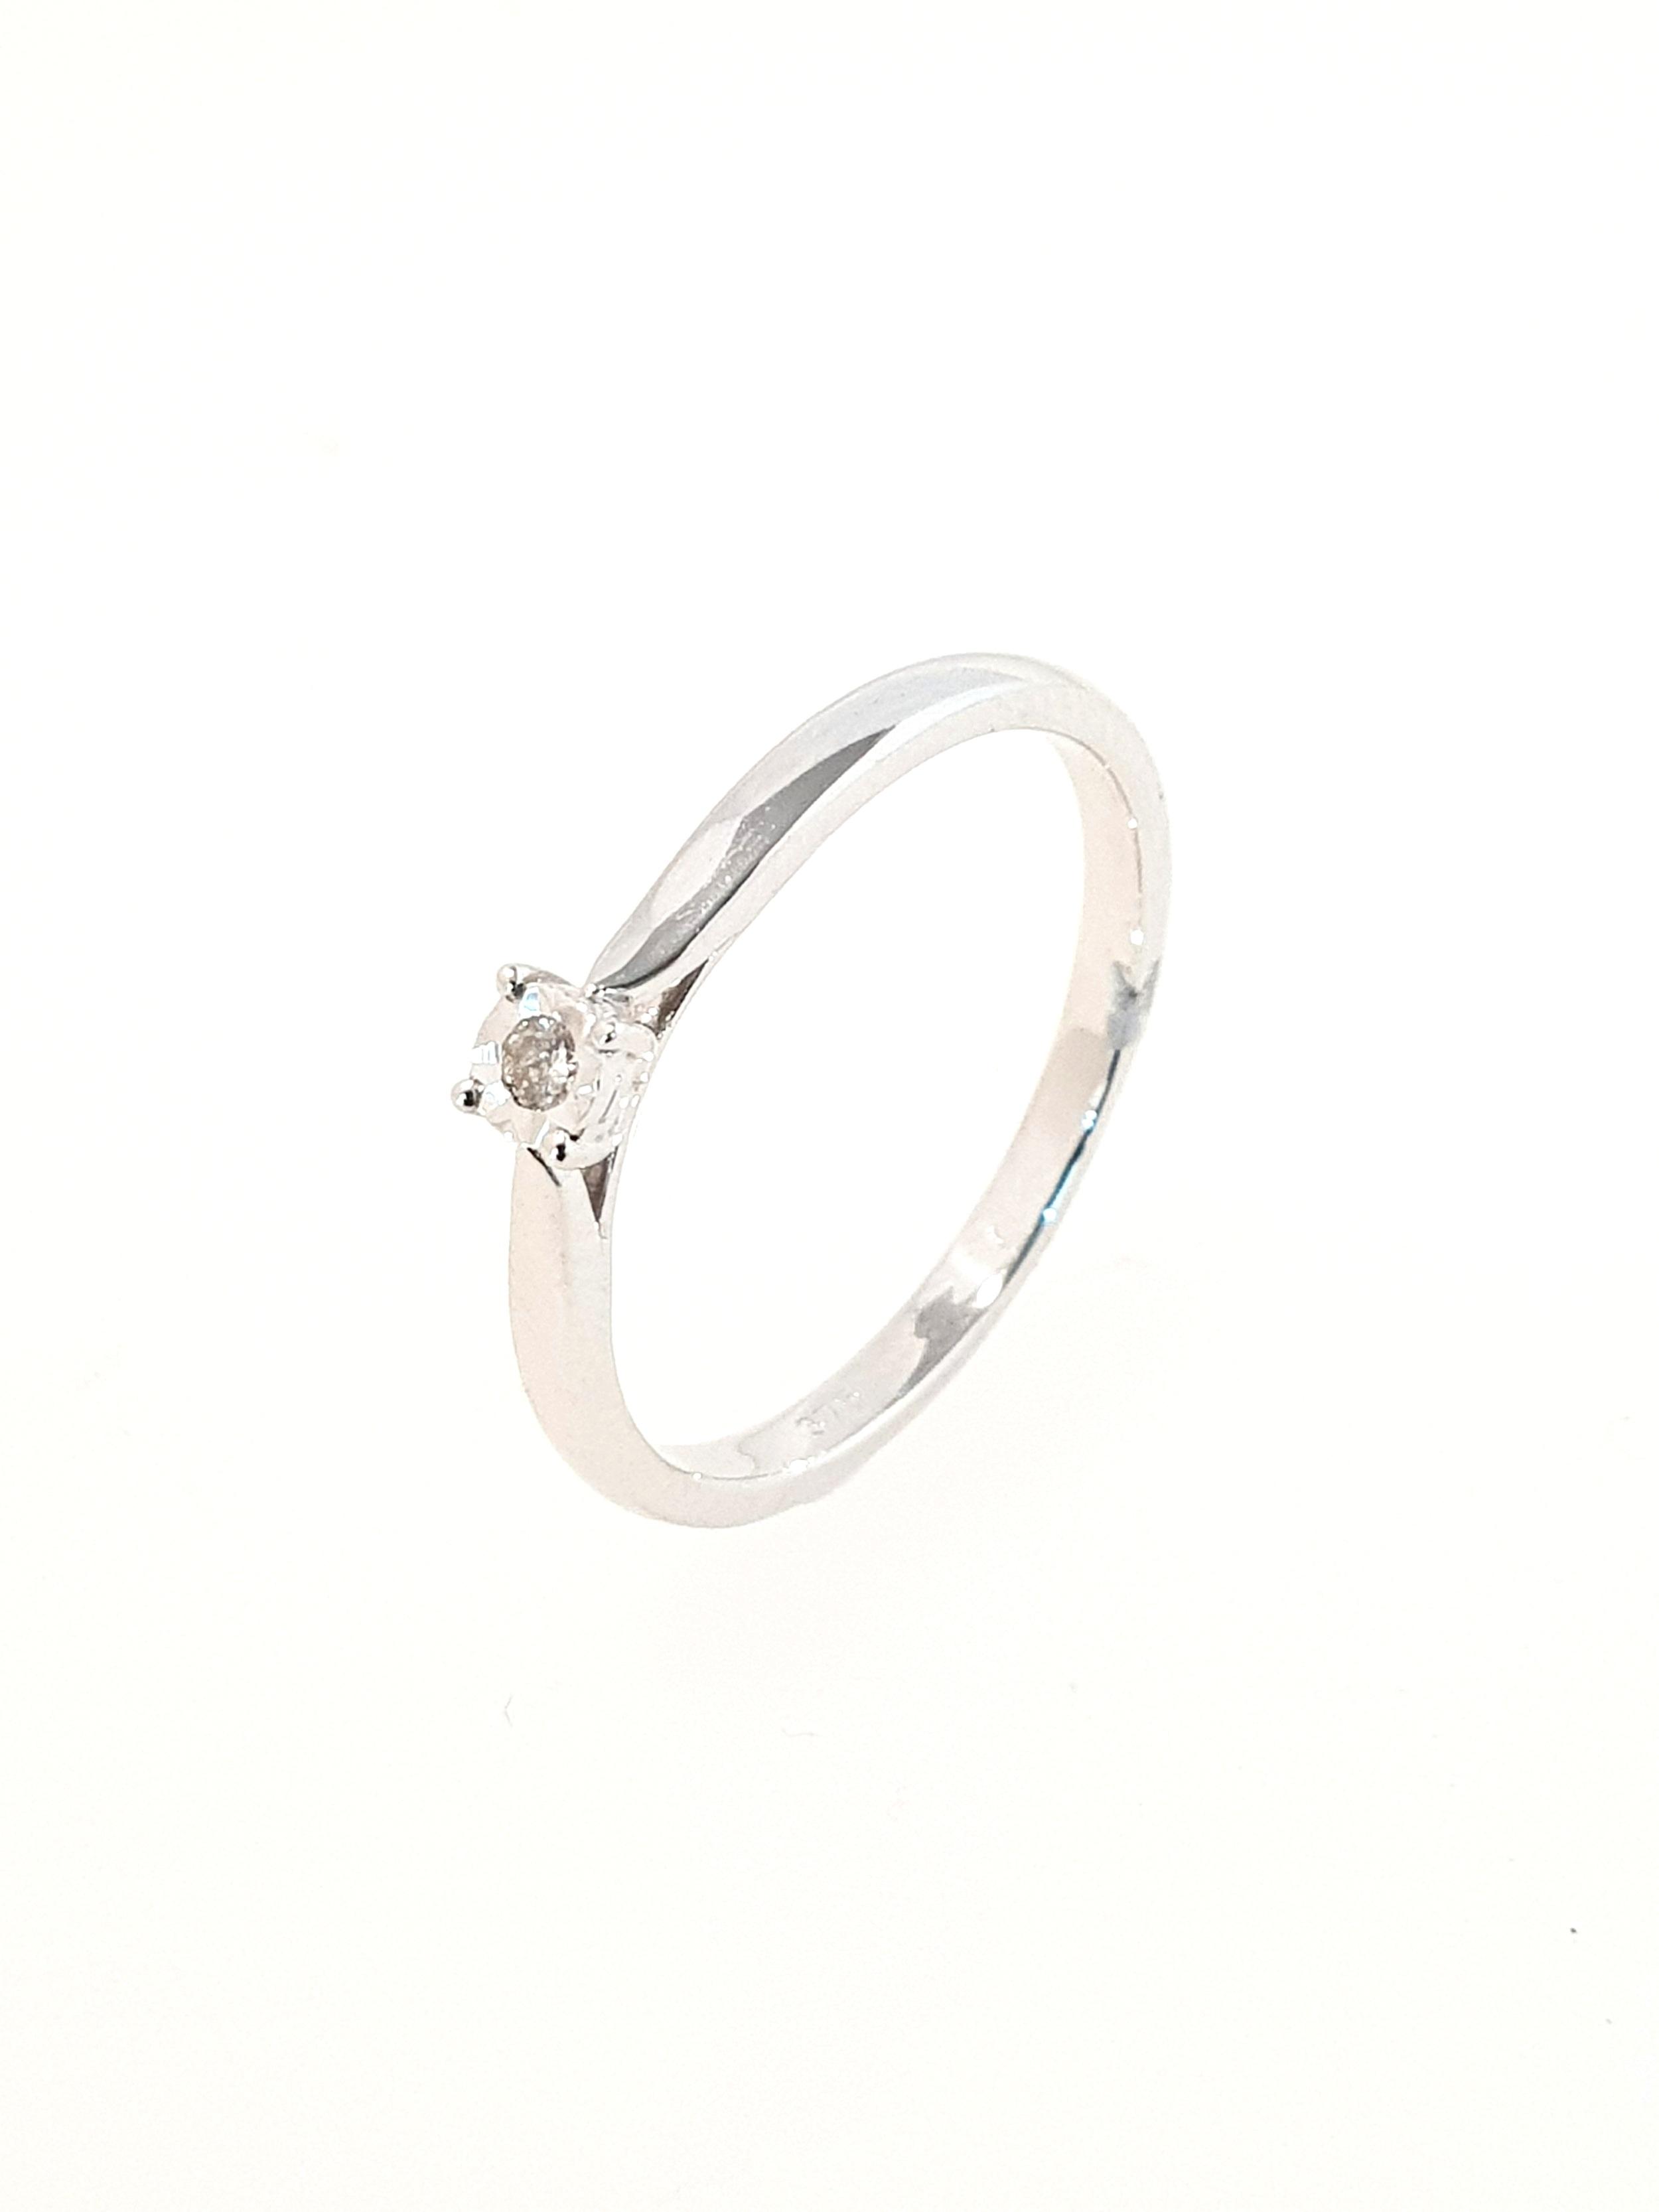 9ct White Gold Diamond Ring  .04ct  Stock Code: G1958  £300